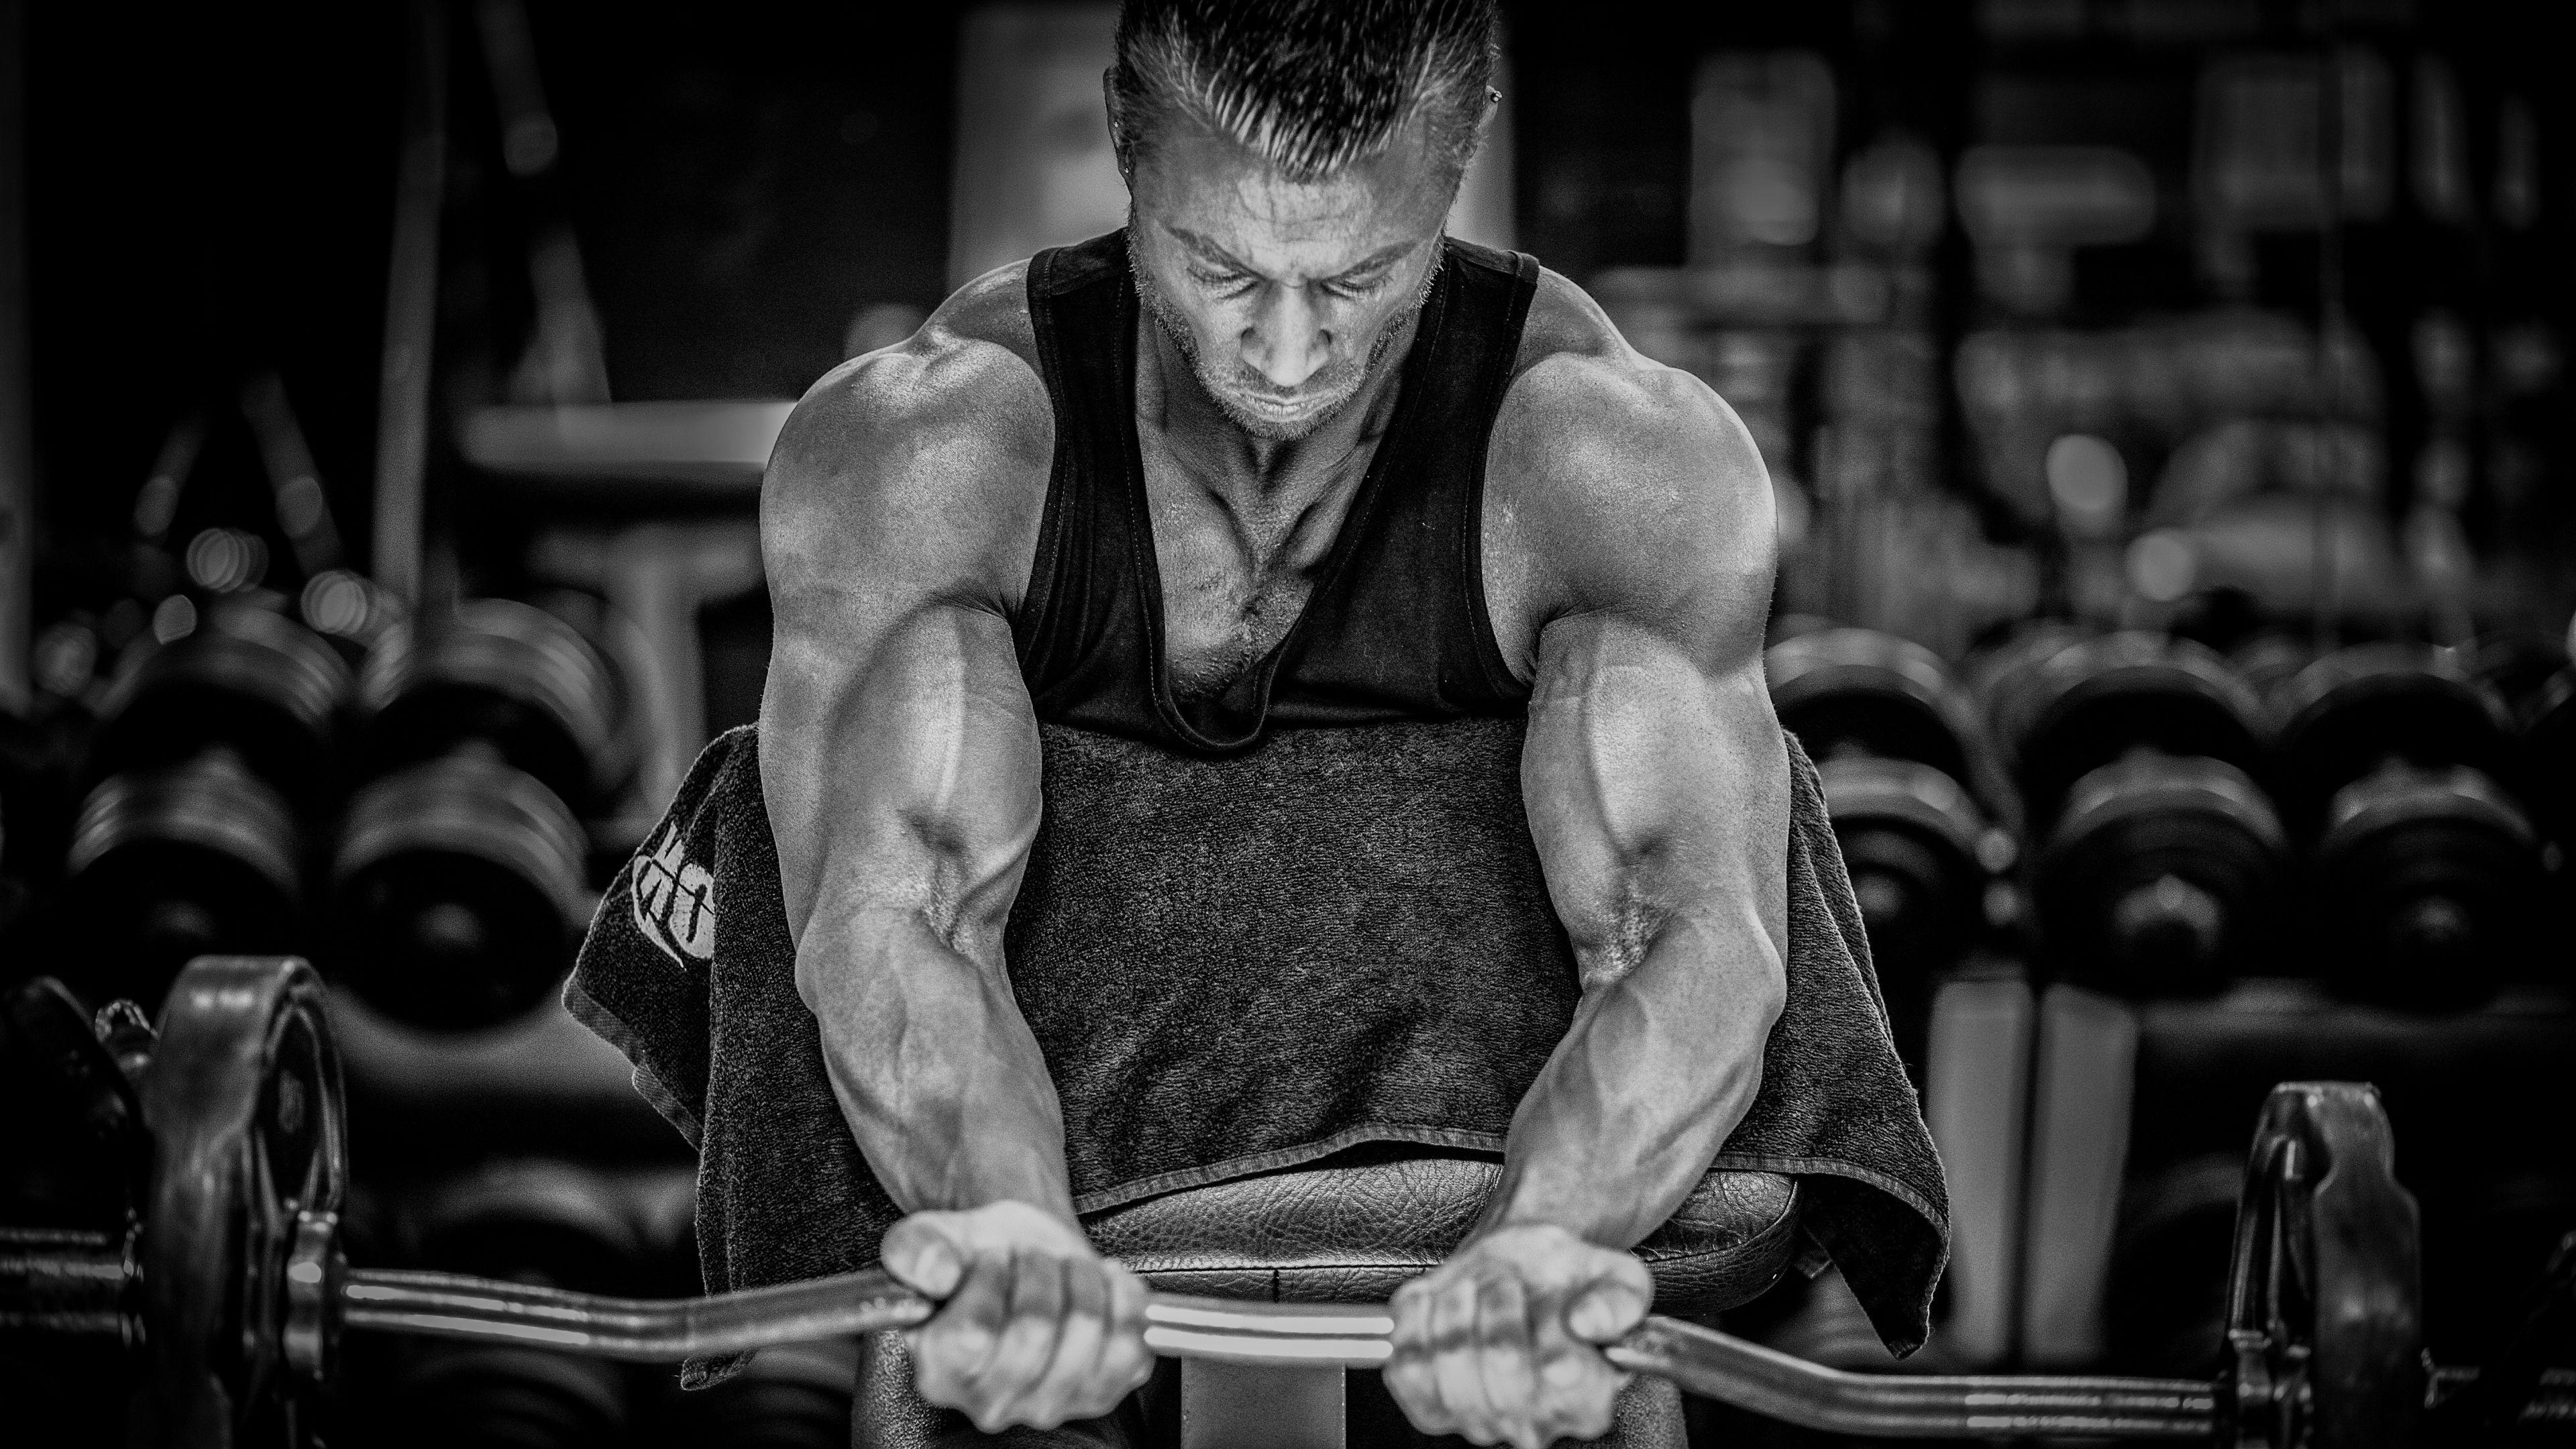 Bodybuilding 4k Wallpapers - Top Free ...